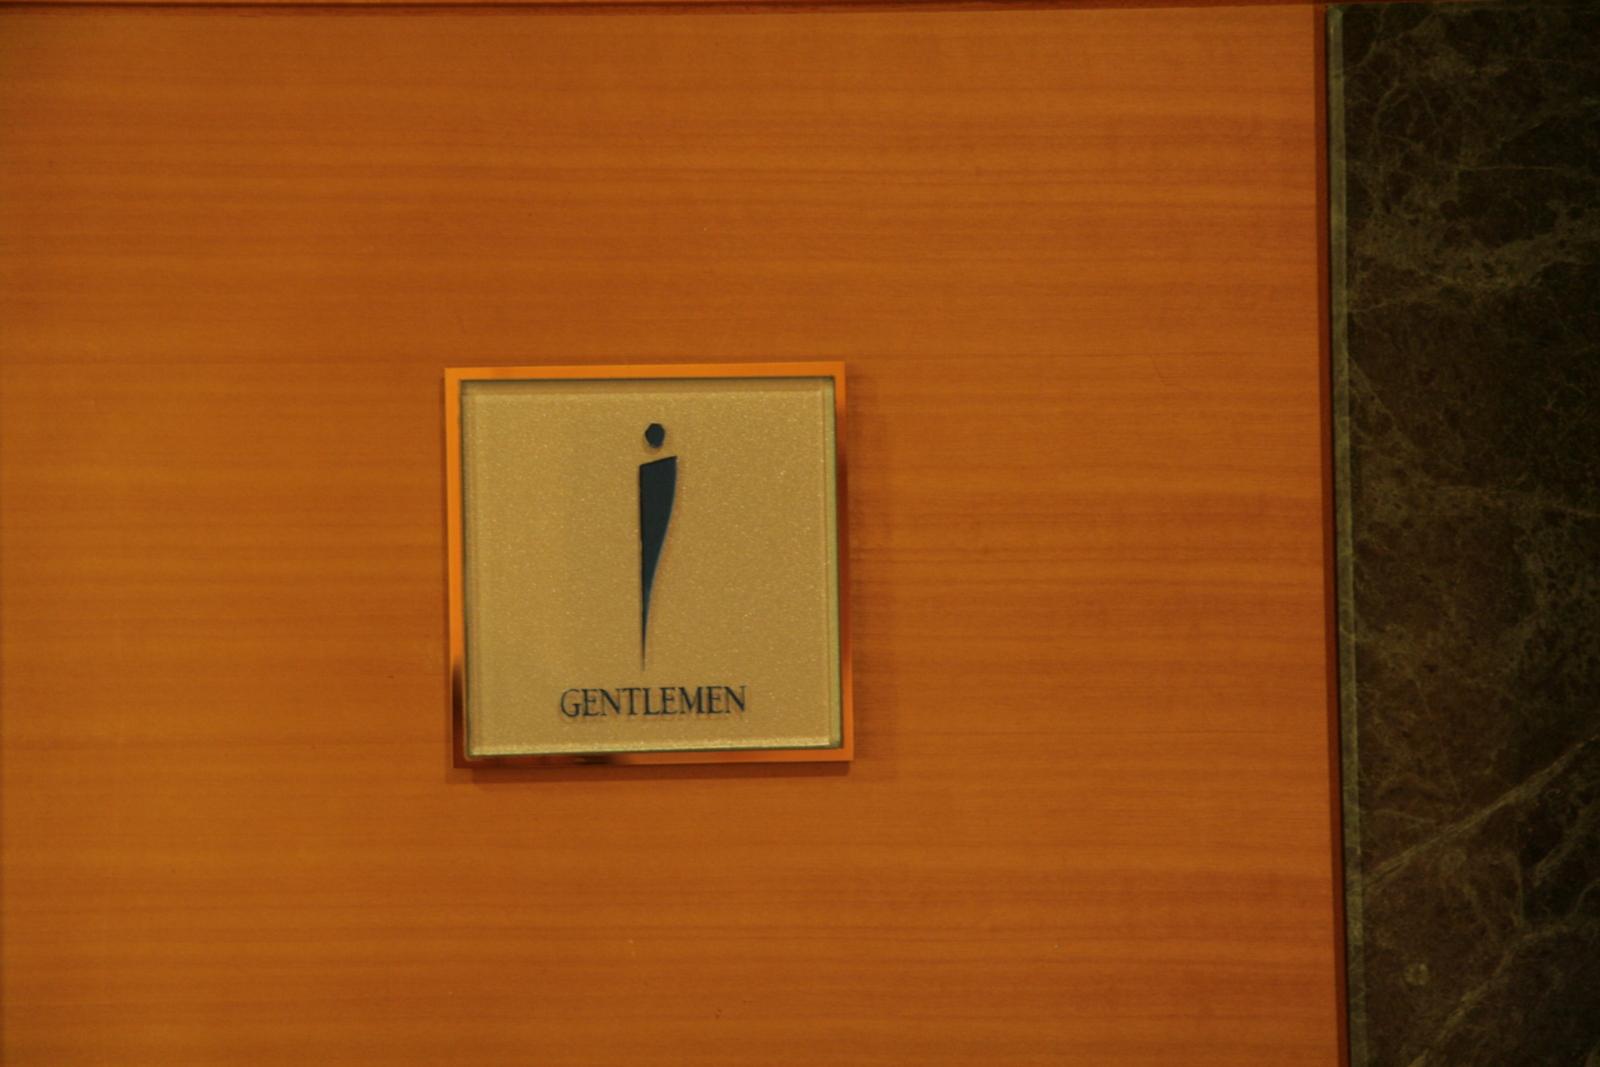 [Picture: Gentlemen sign]